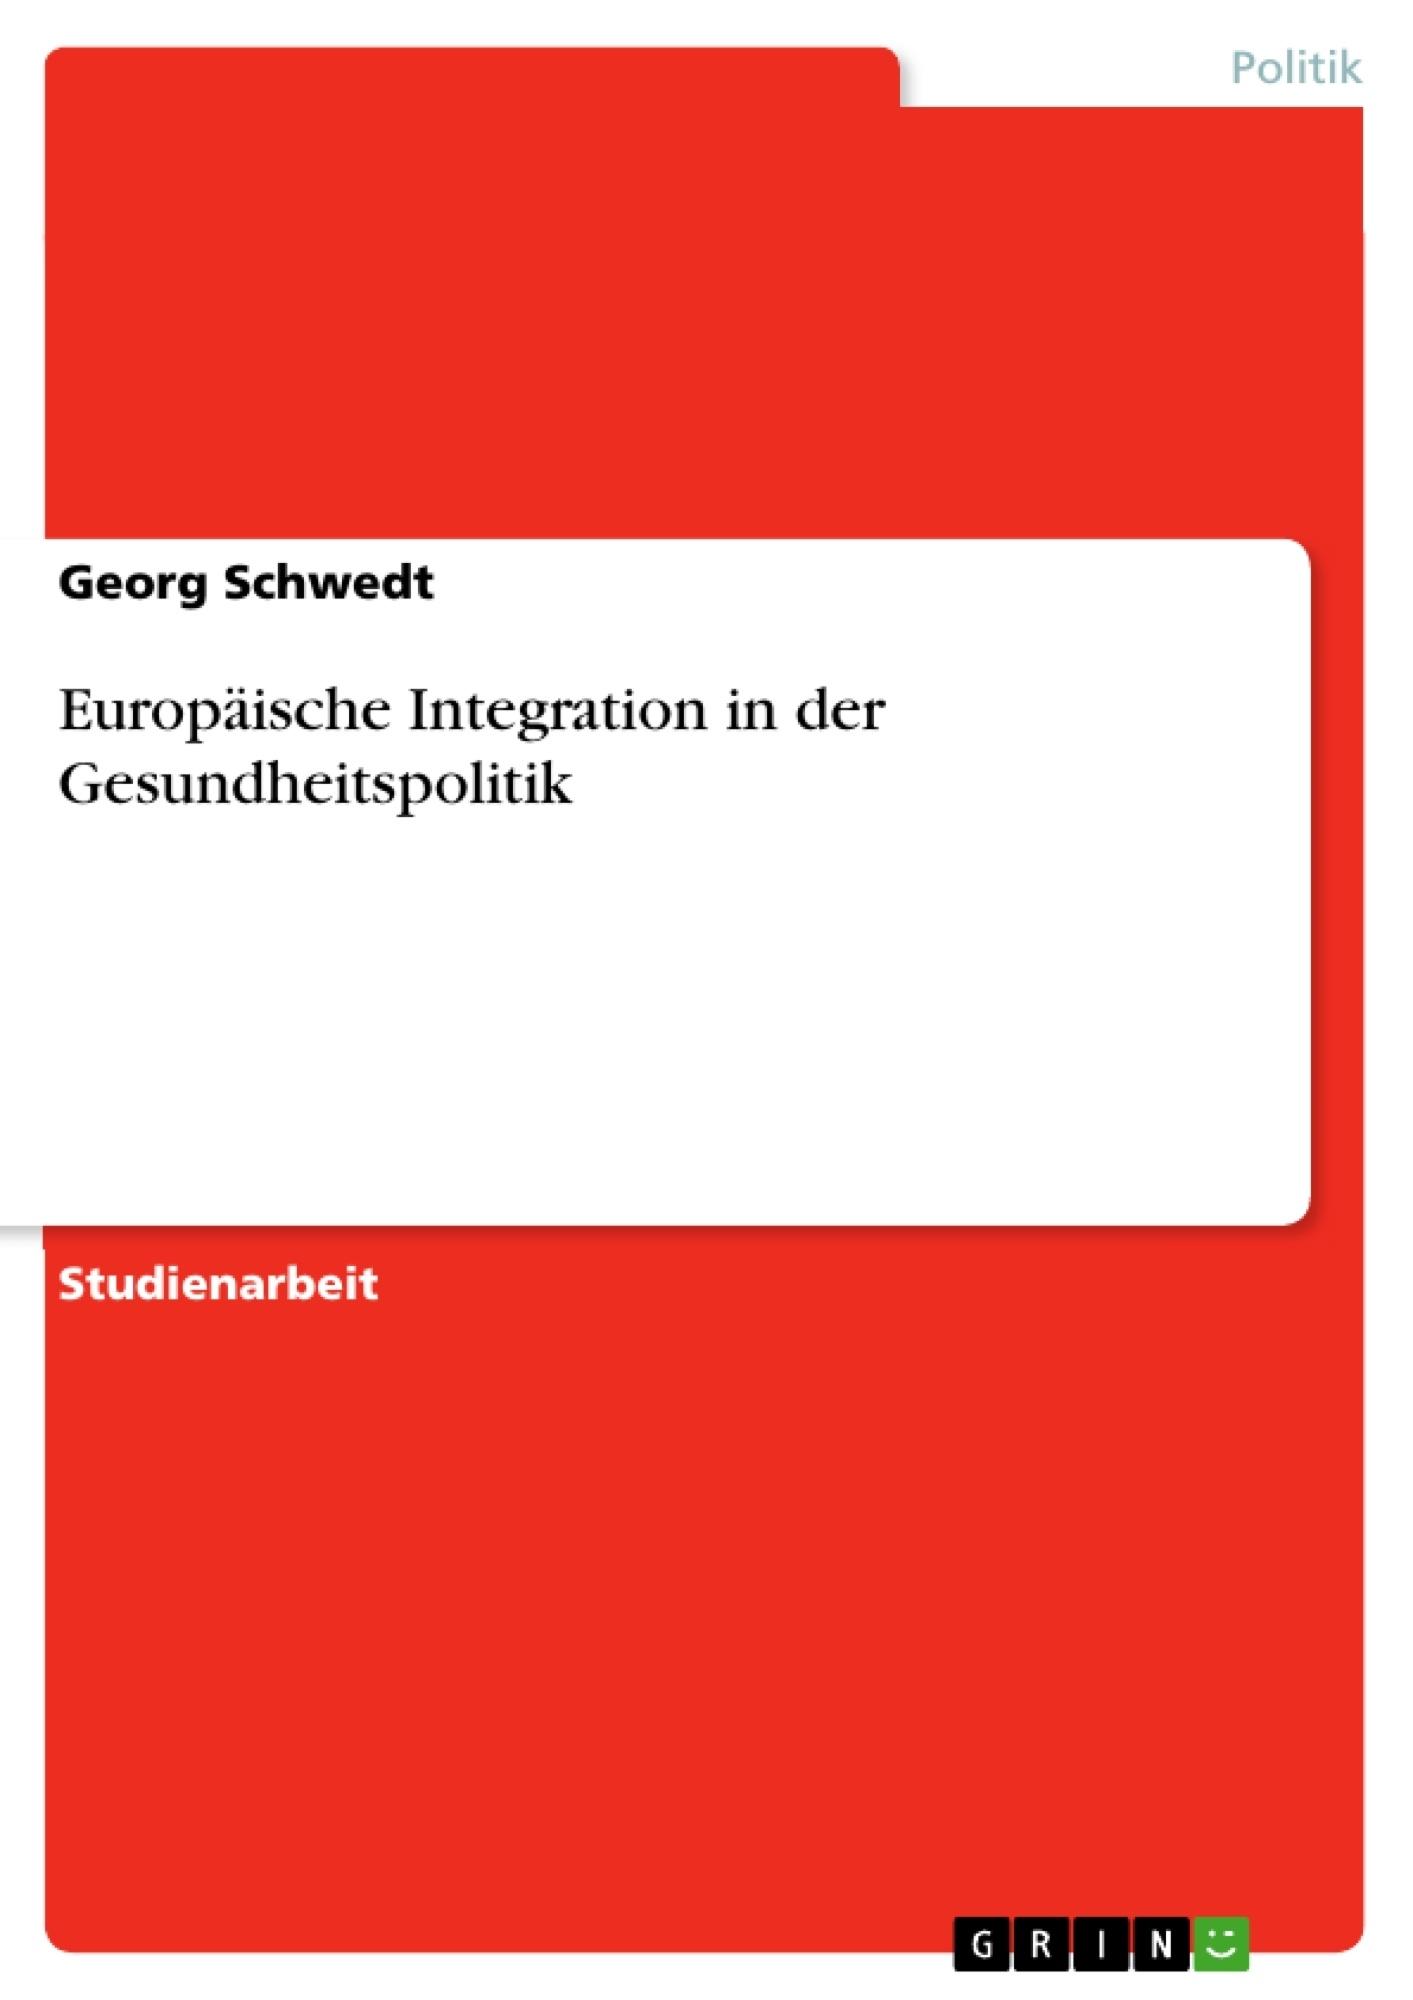 Titel: Europäische Integration in der Gesundheitspolitik